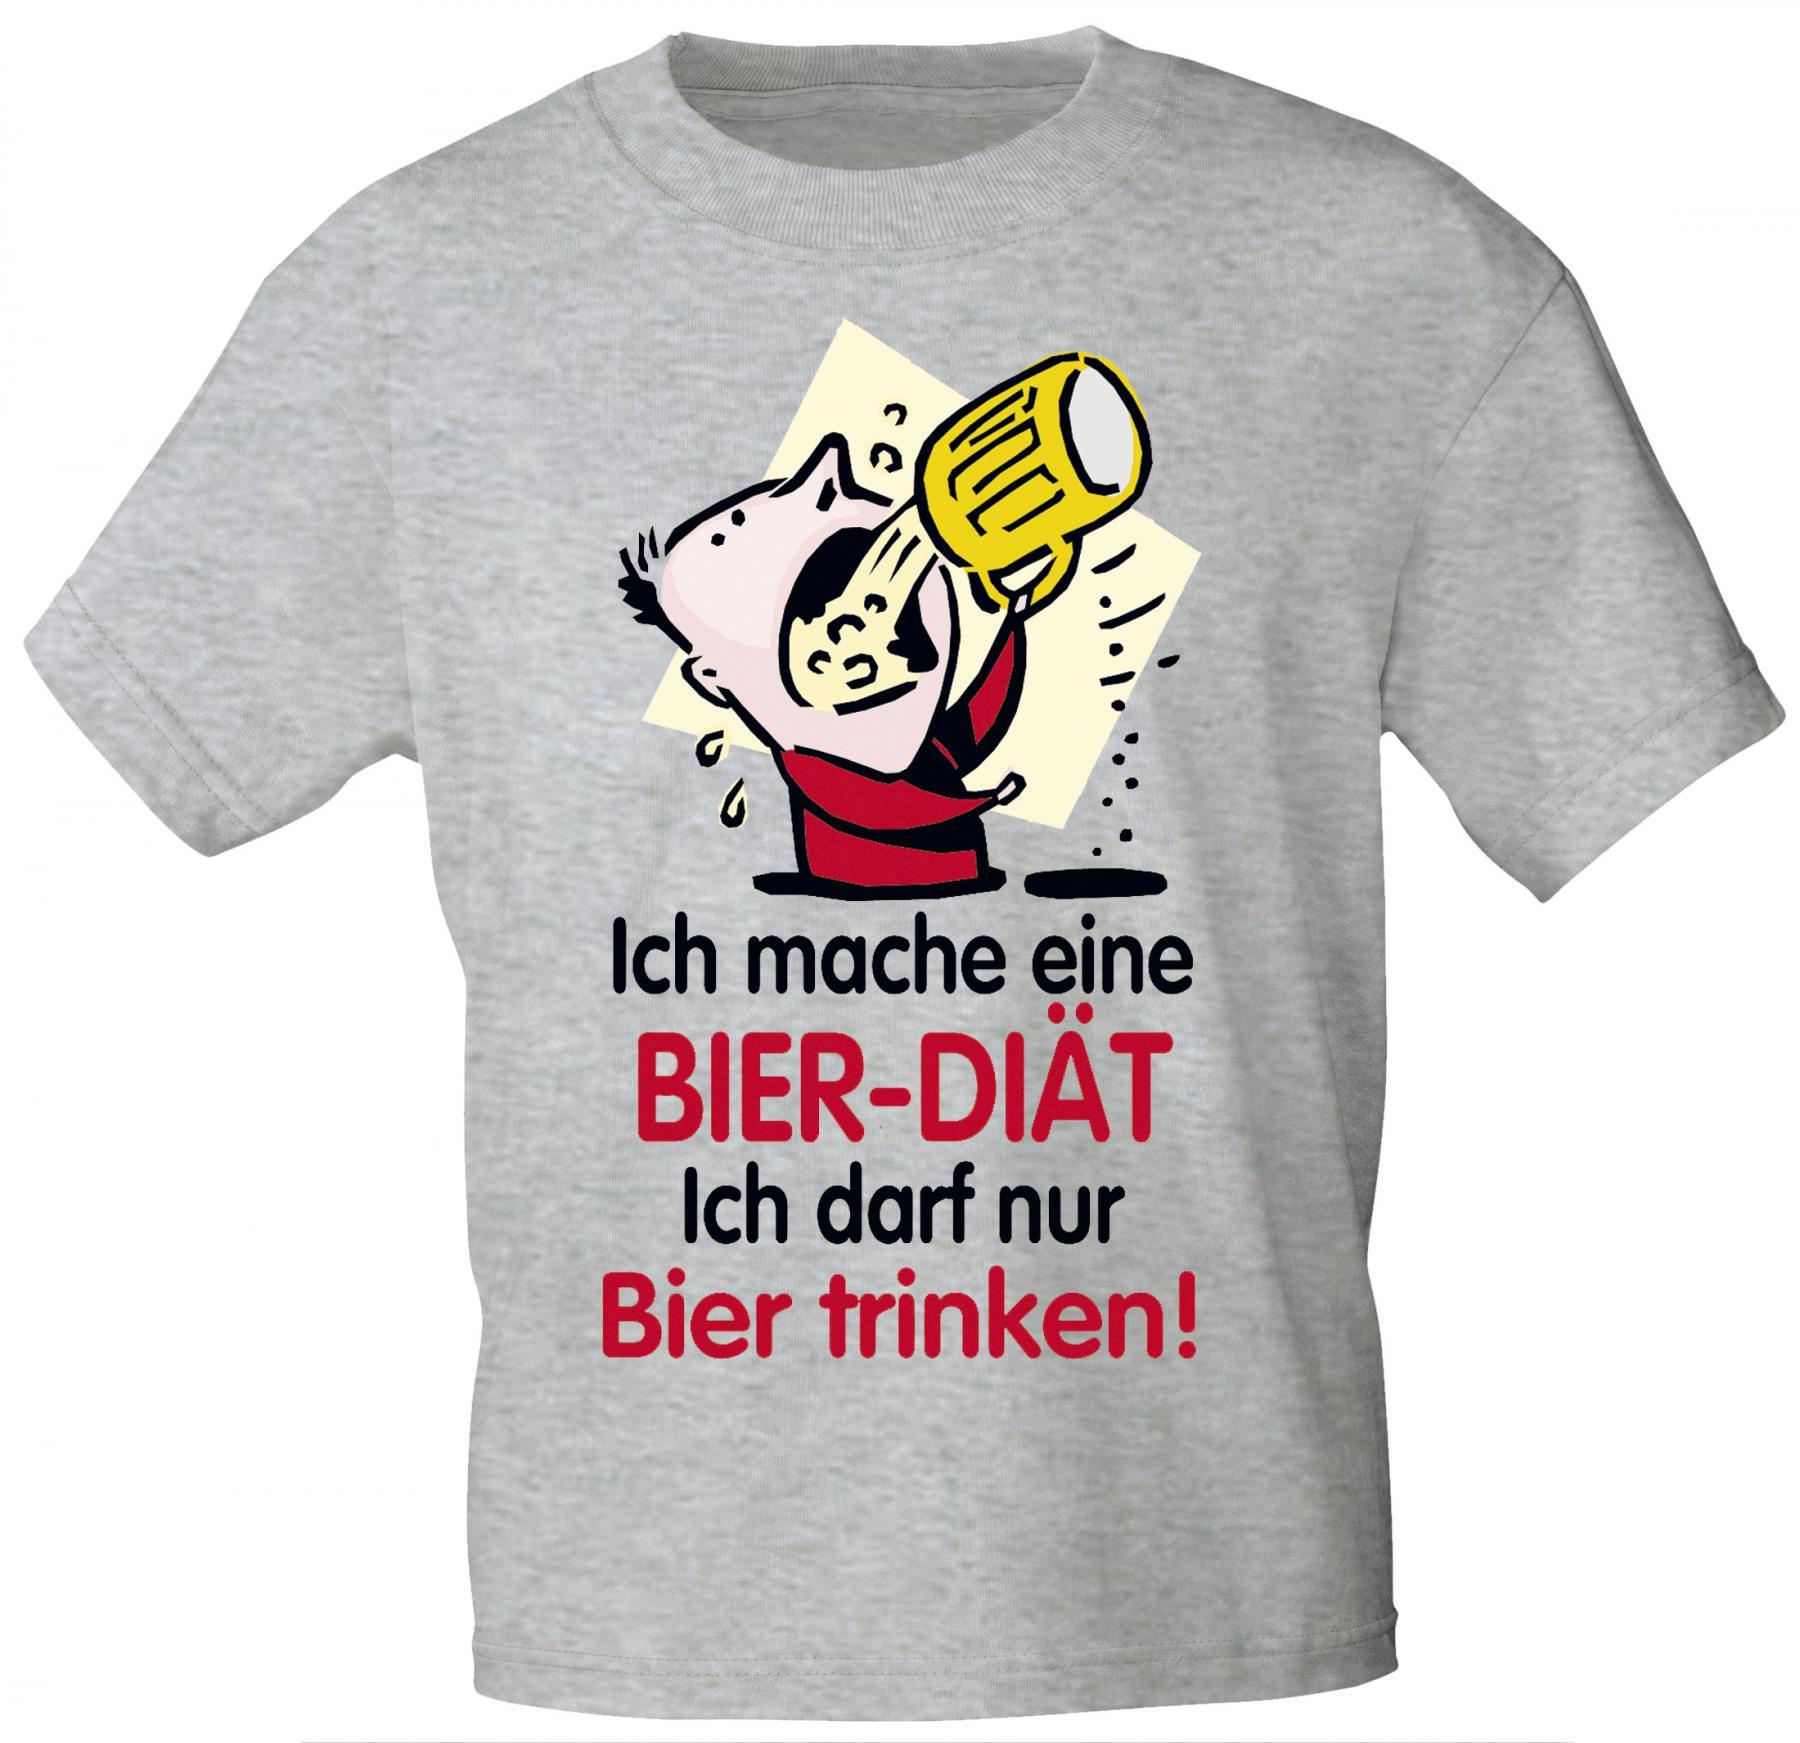 T Shirt Unisex Mit Print Ich Mache Eine Bier Diat 09415 Hellgrau